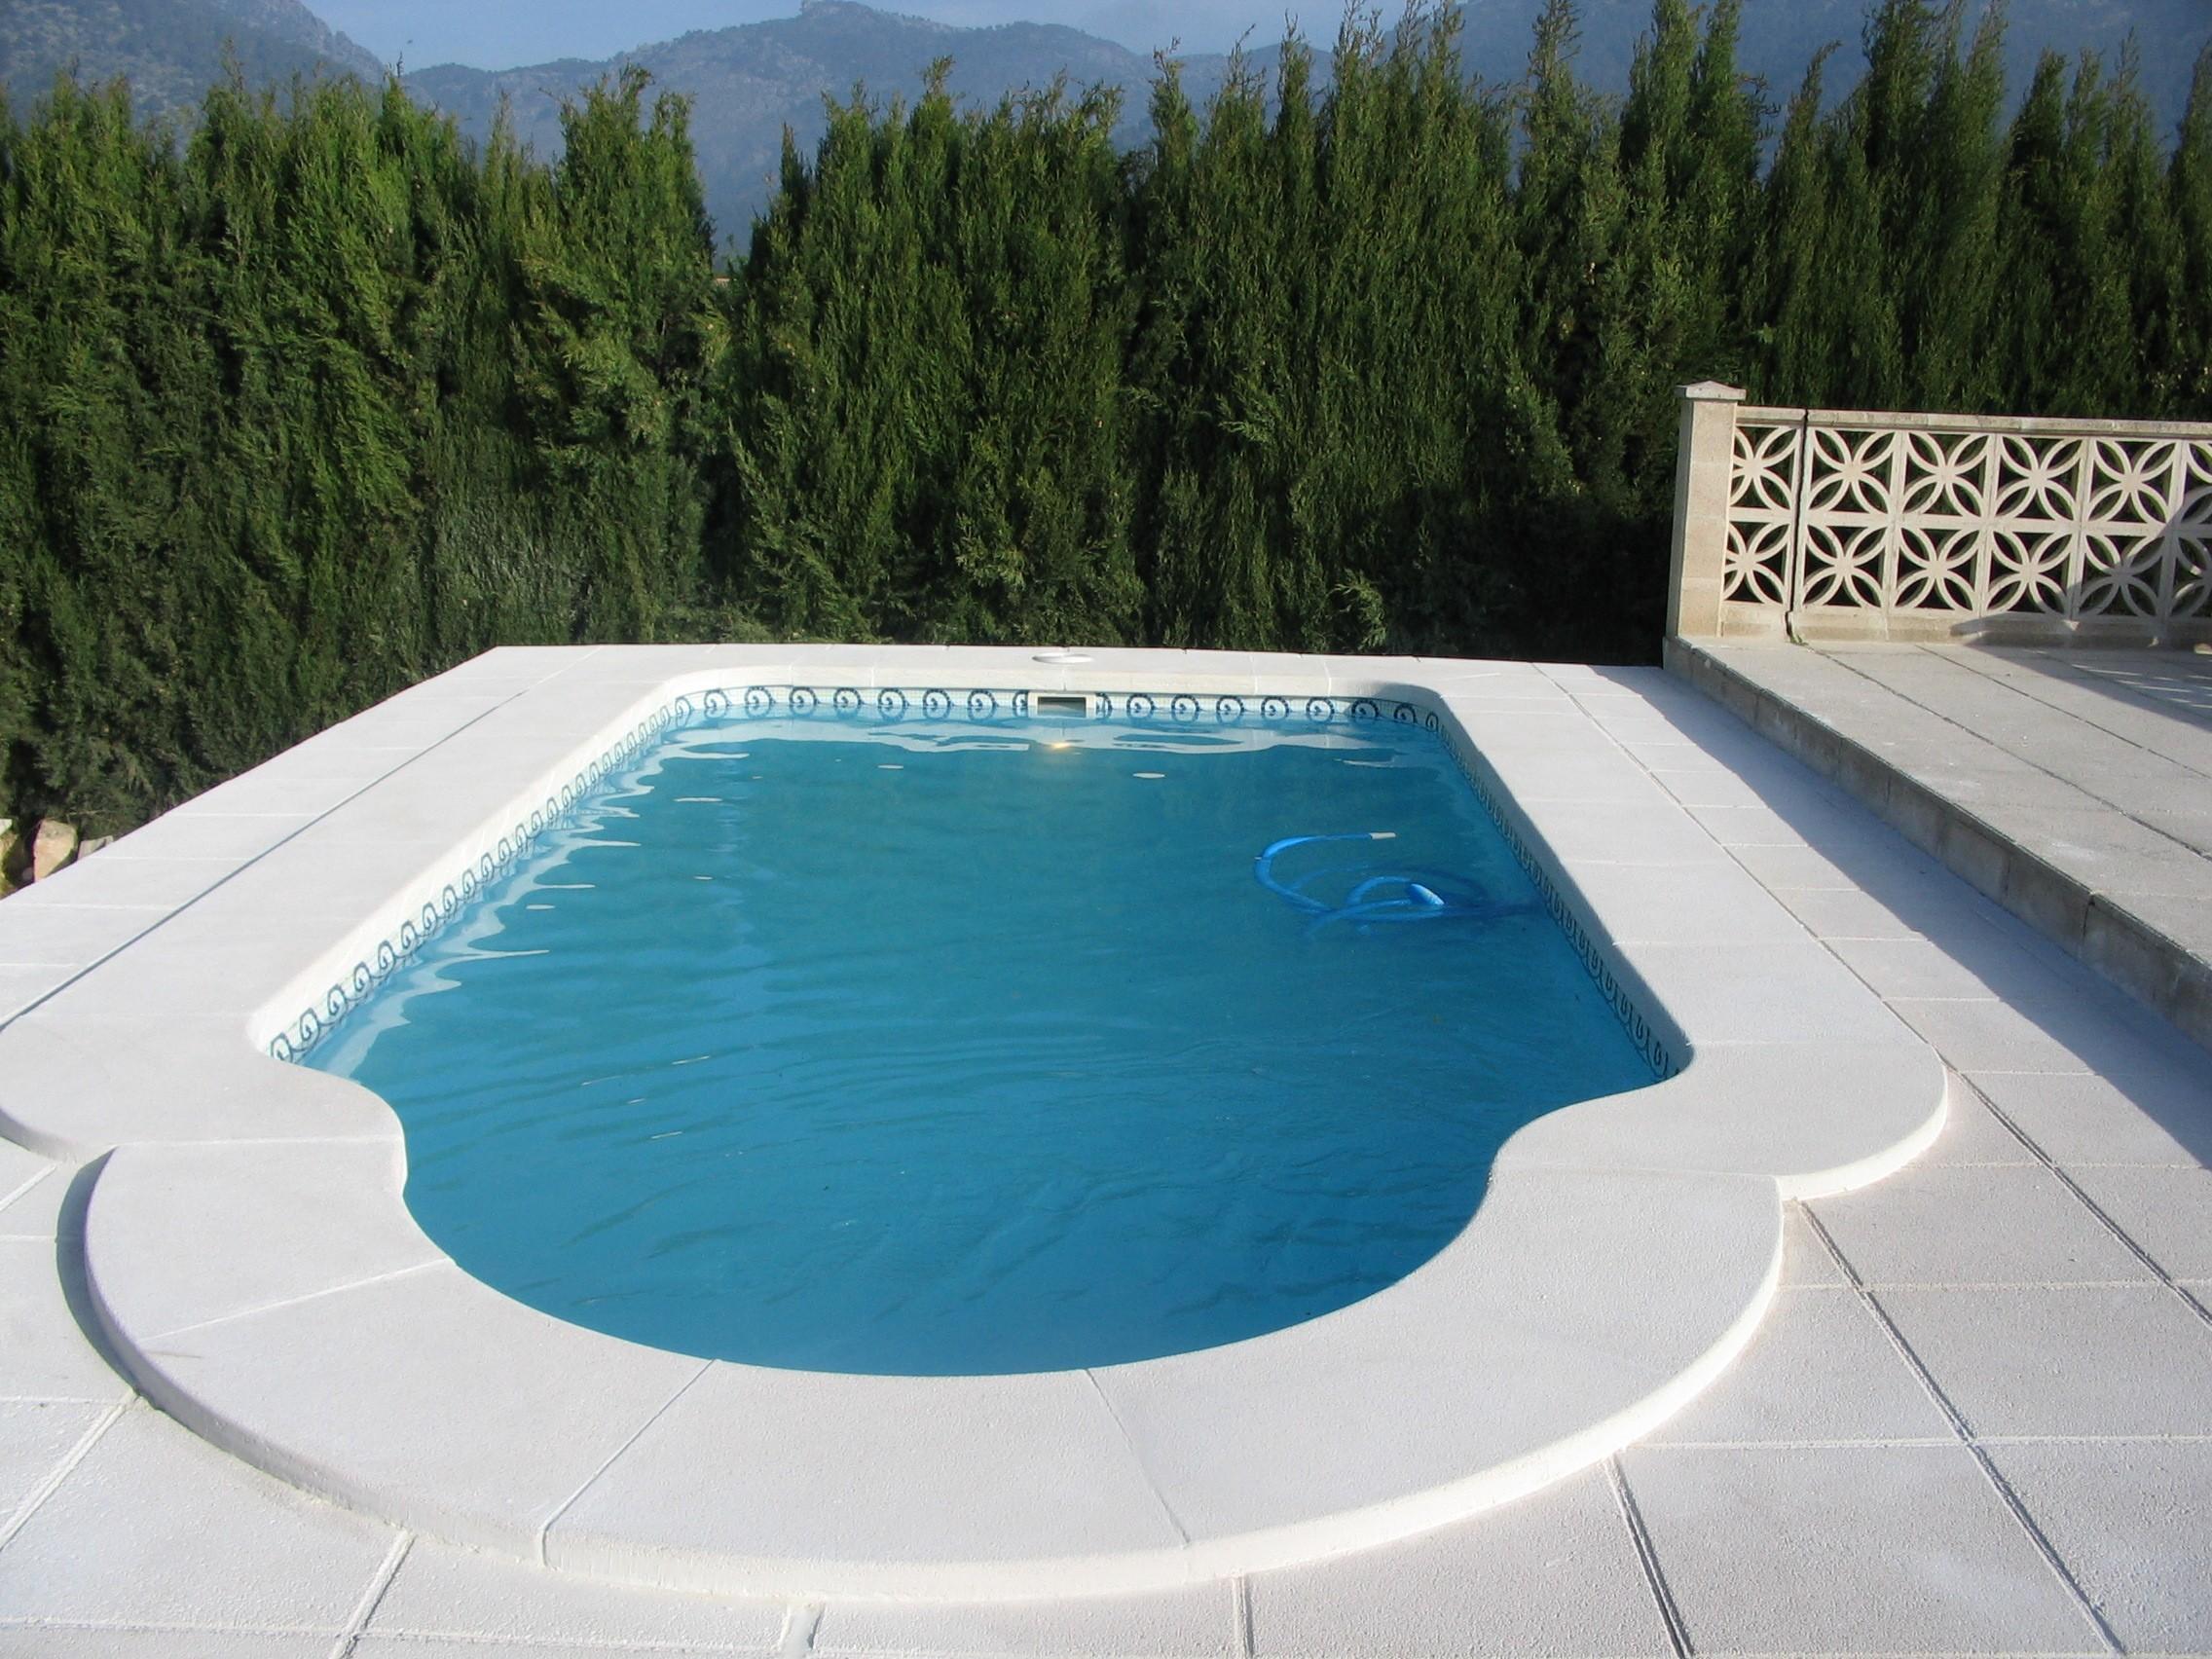 Piscina modelo c 6 codetrac s l expertos en piscinas for Piscinas pequenas de obra